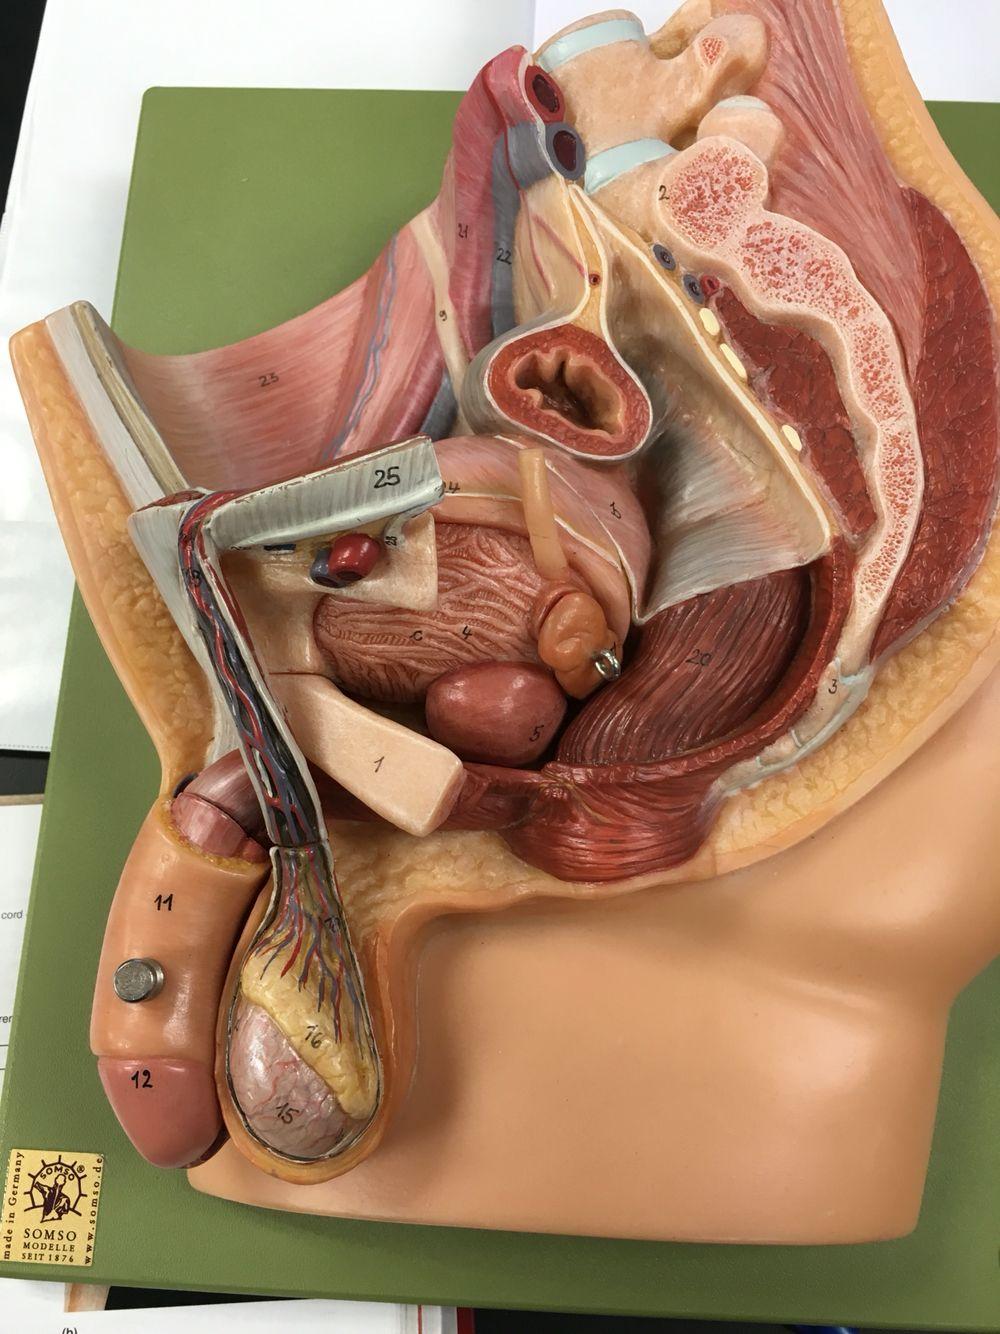 Мужские органы картинка